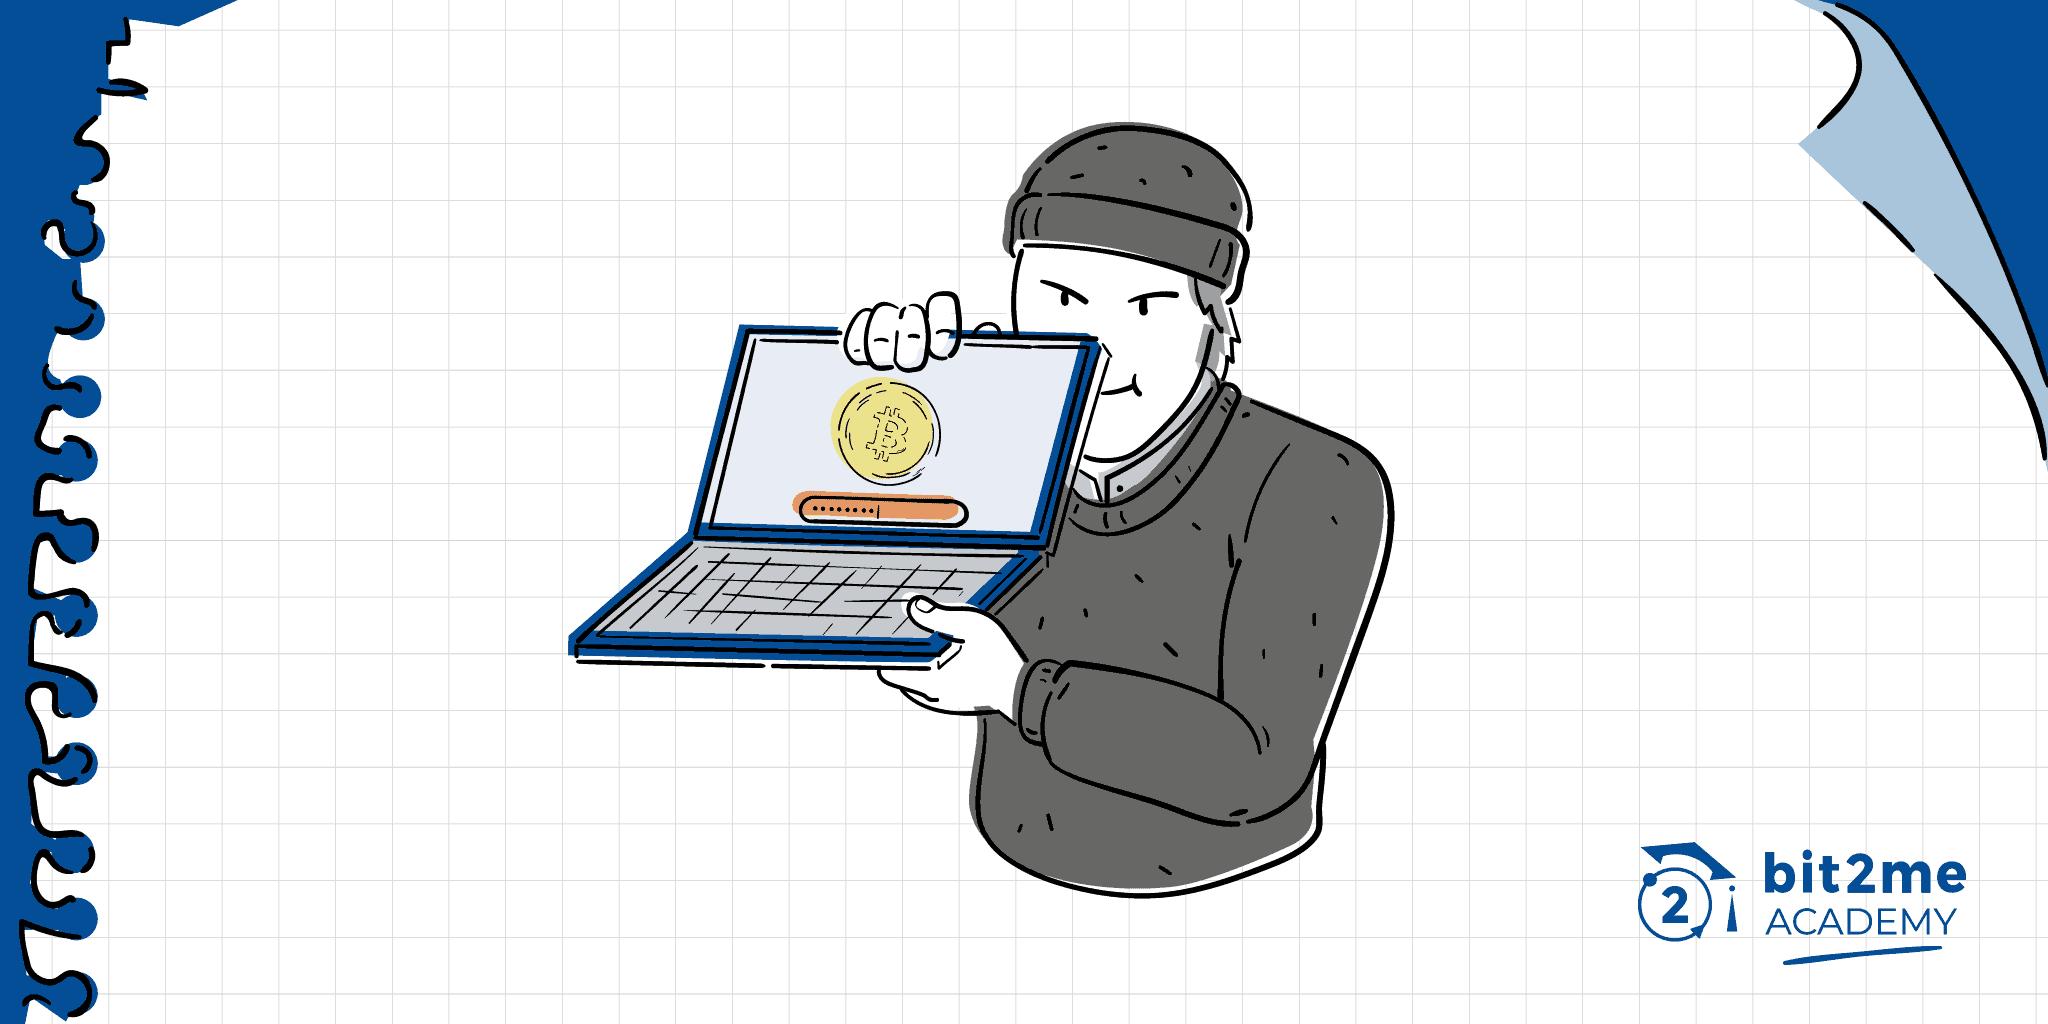 estafas con bitcoin, estafas btc